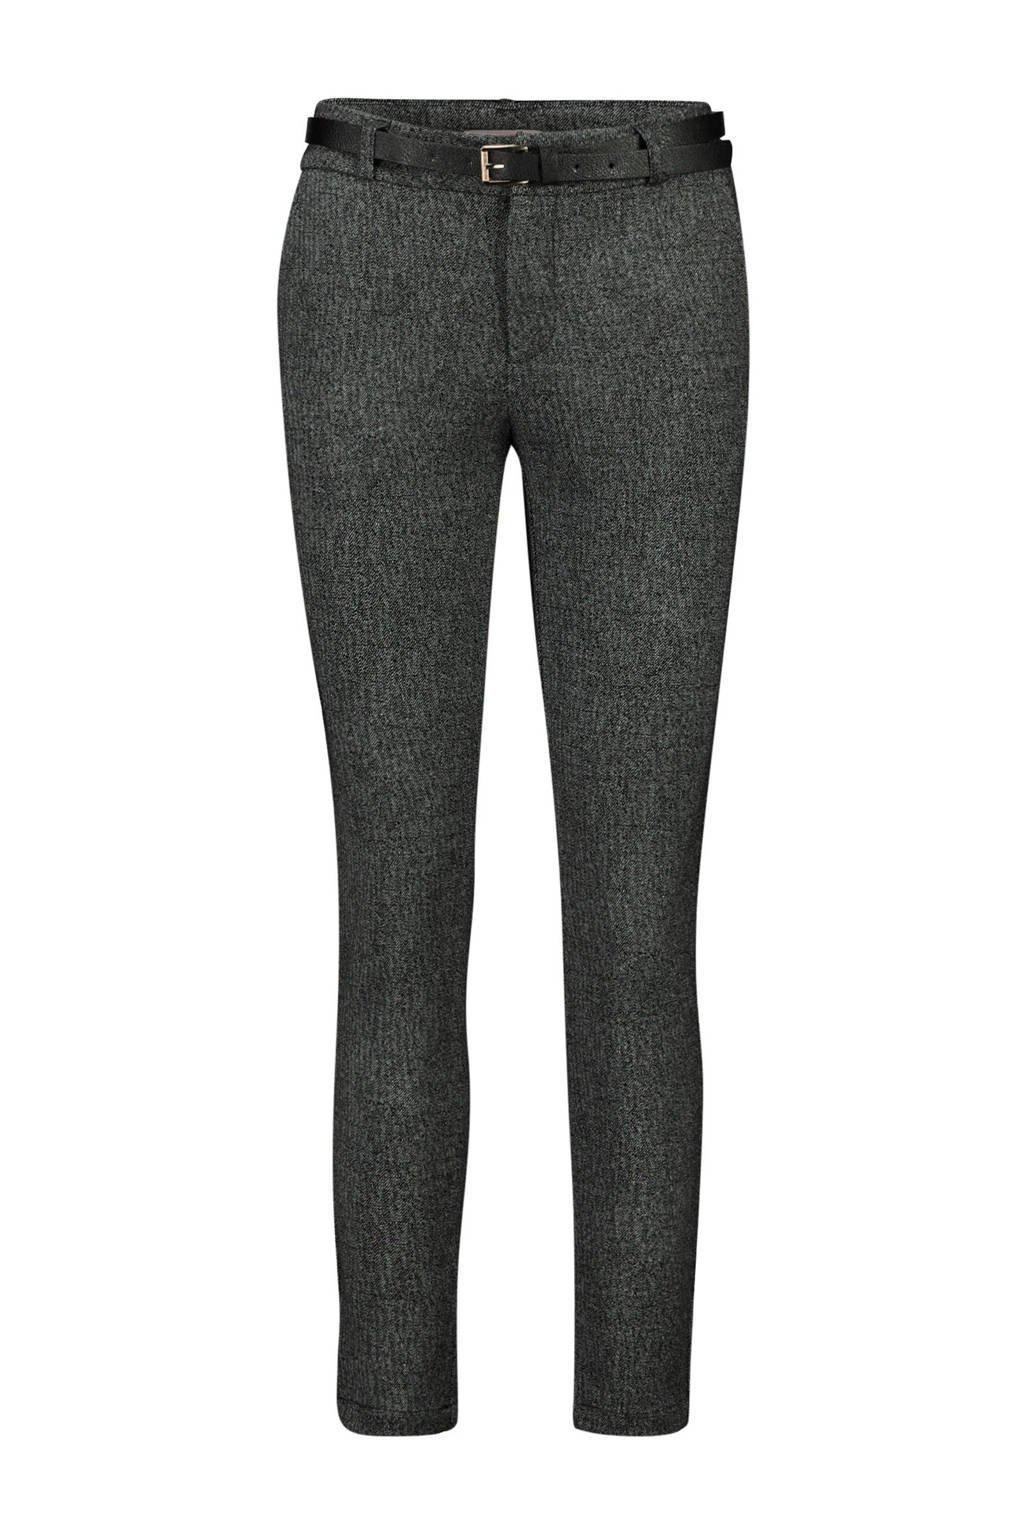 Cassis gemêleerde broek grijs melange/zwart, Grijs melange/zwart